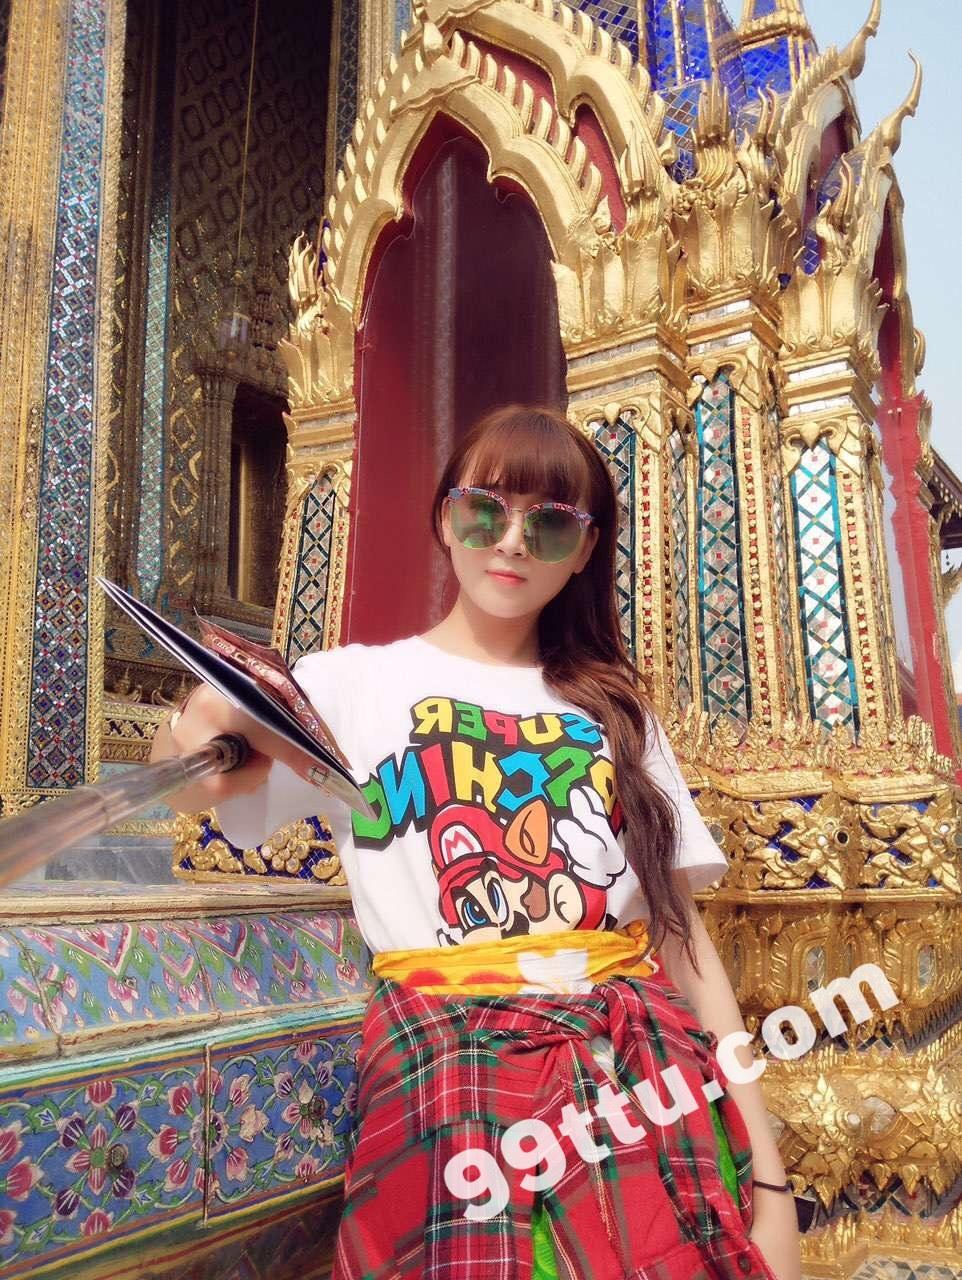 KK61_310张图+69视频 时尚可爱真实美女生活照-3